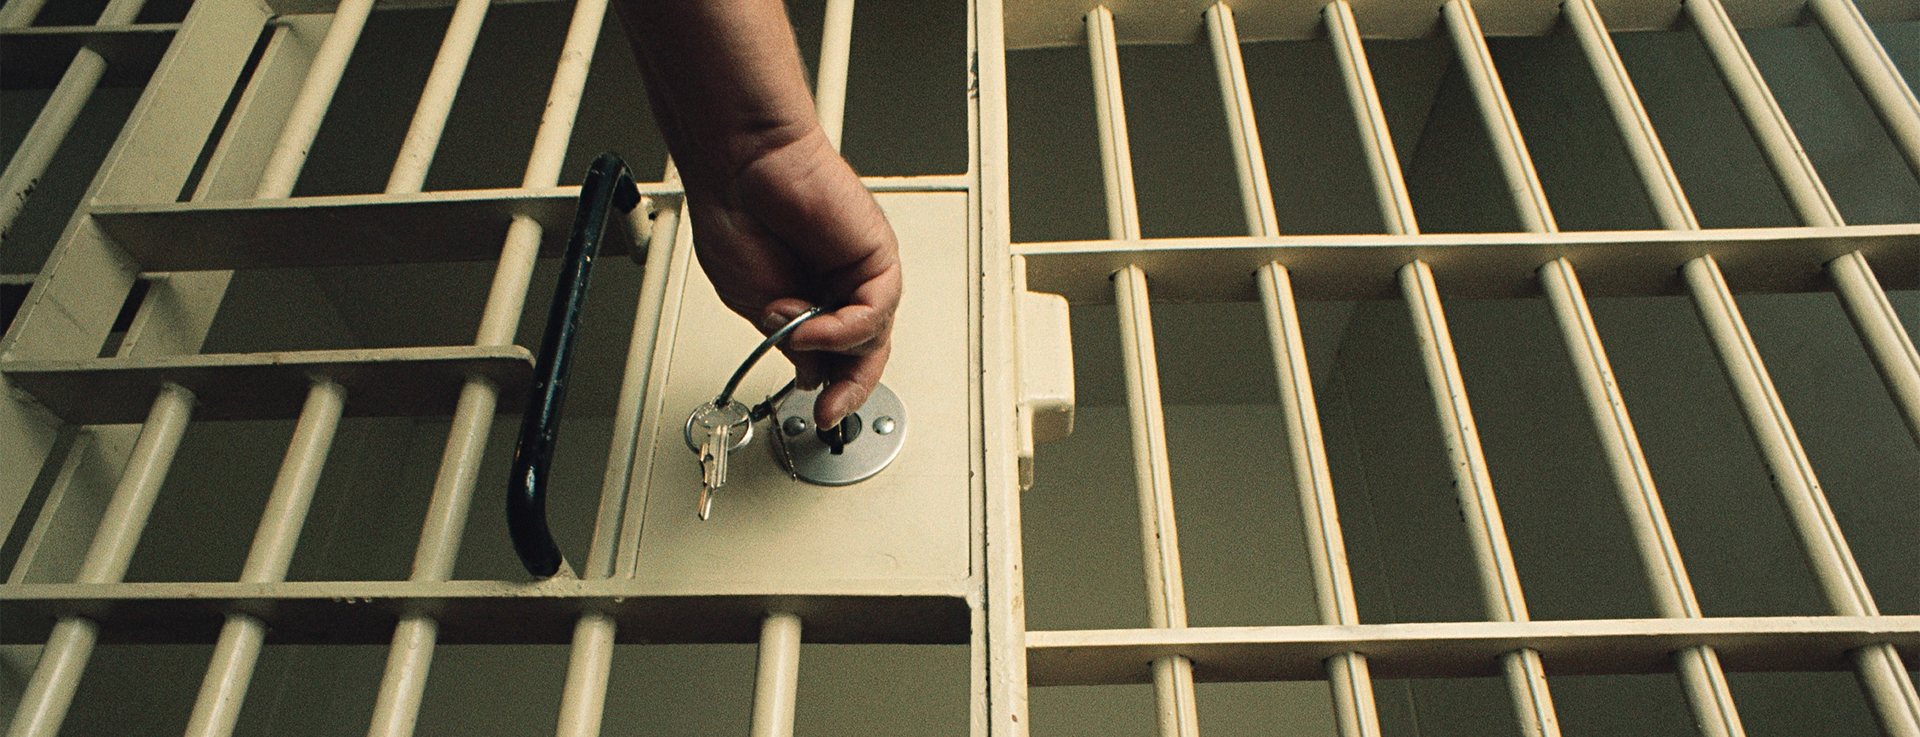 jail-door